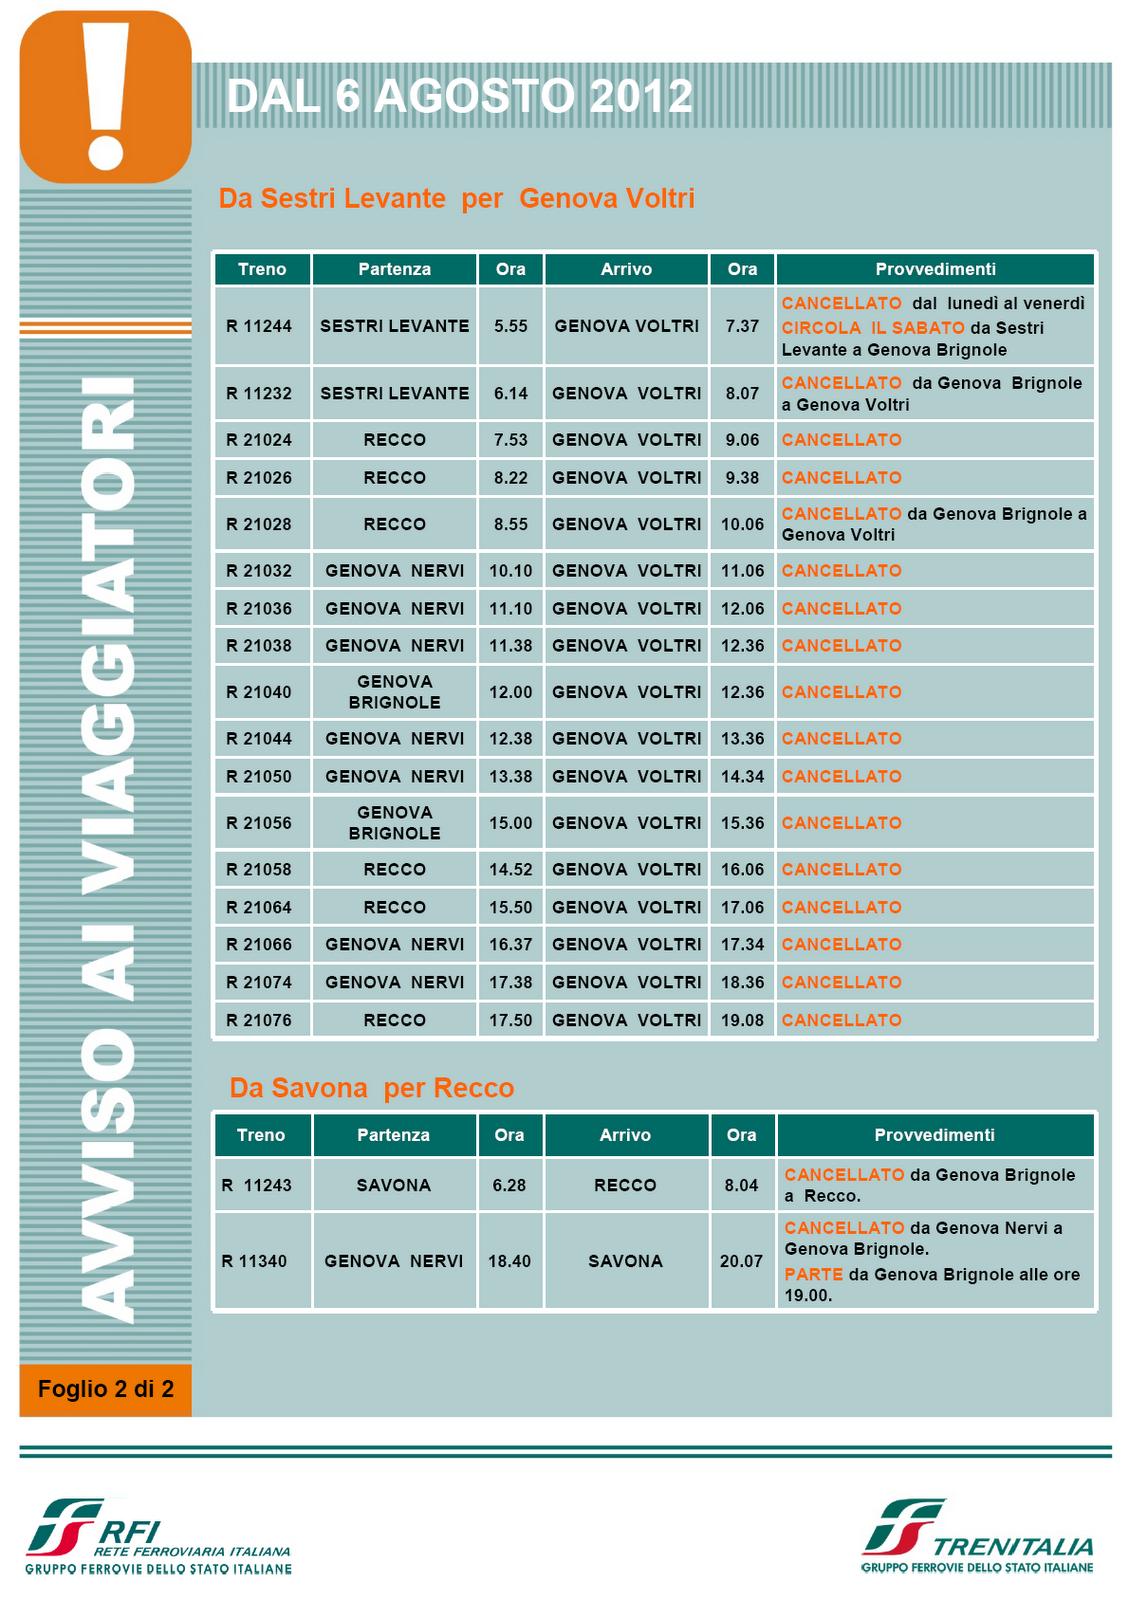 GenovaMilanoNewsletter: Variazioni orario treni e ...